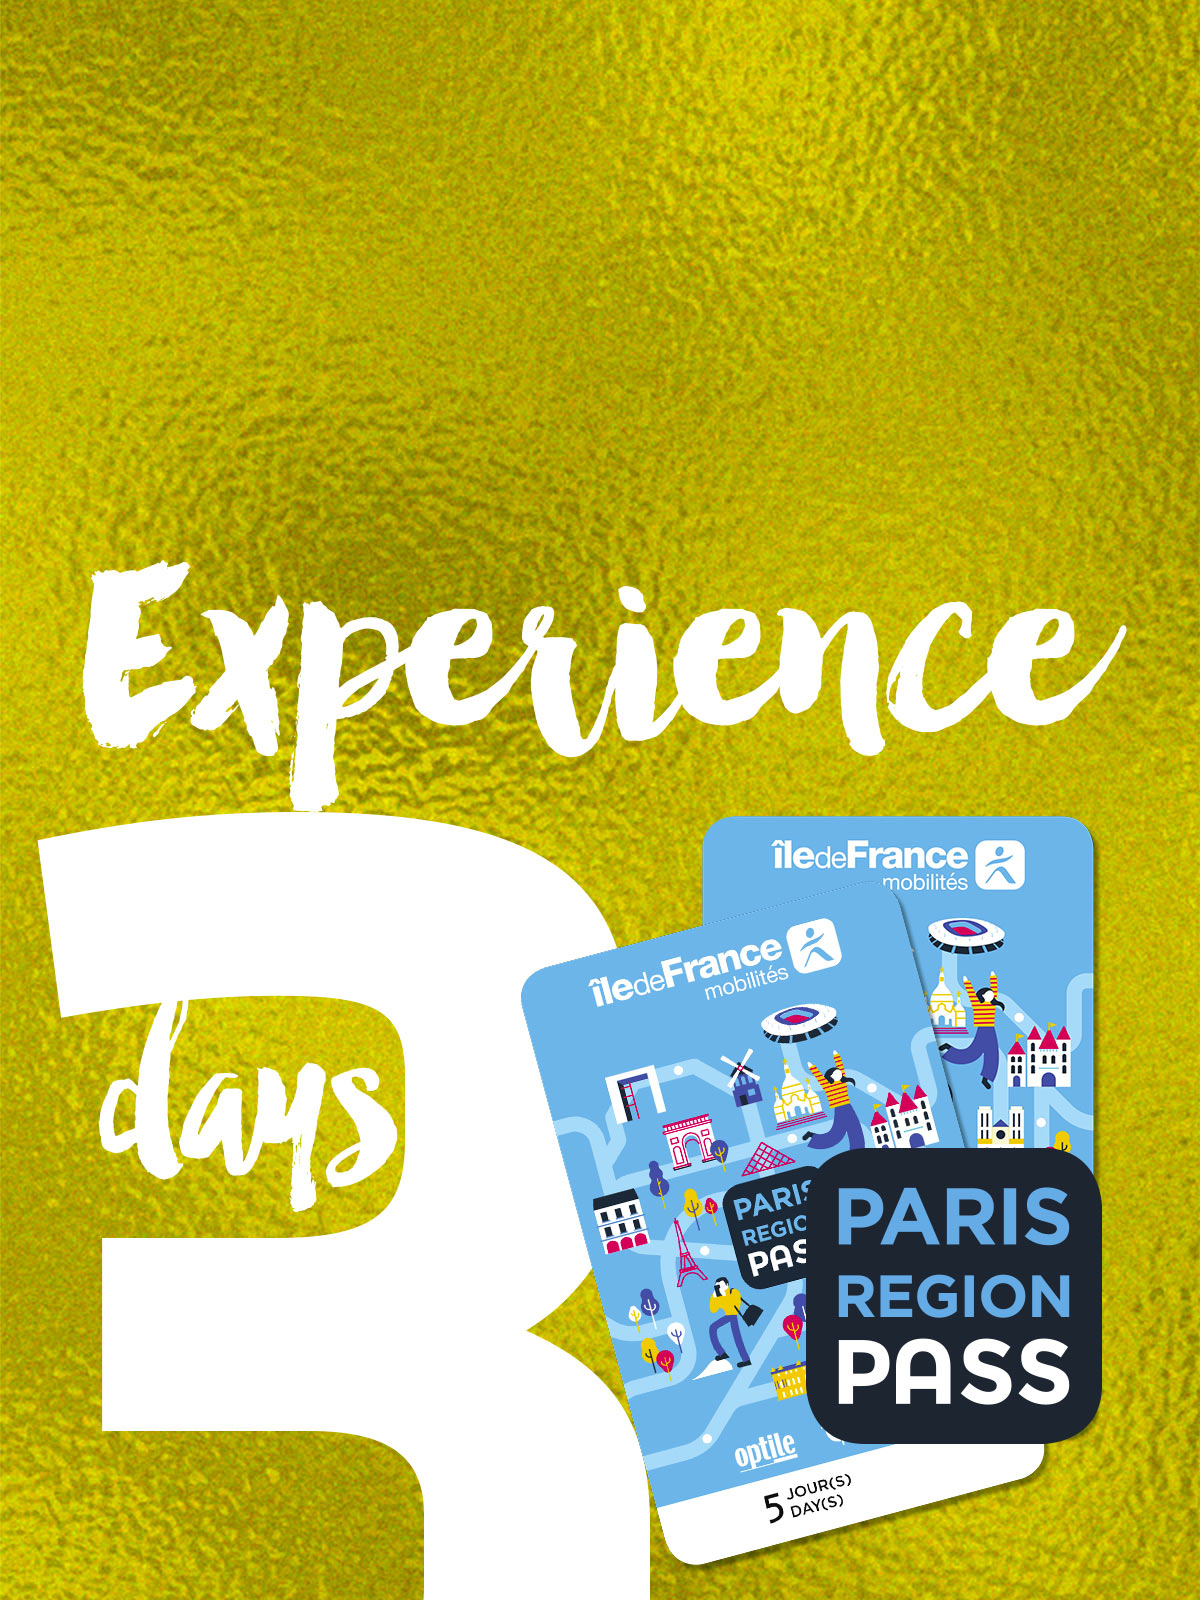 Paris Région Pass - EXPERIENCE - 3 jours